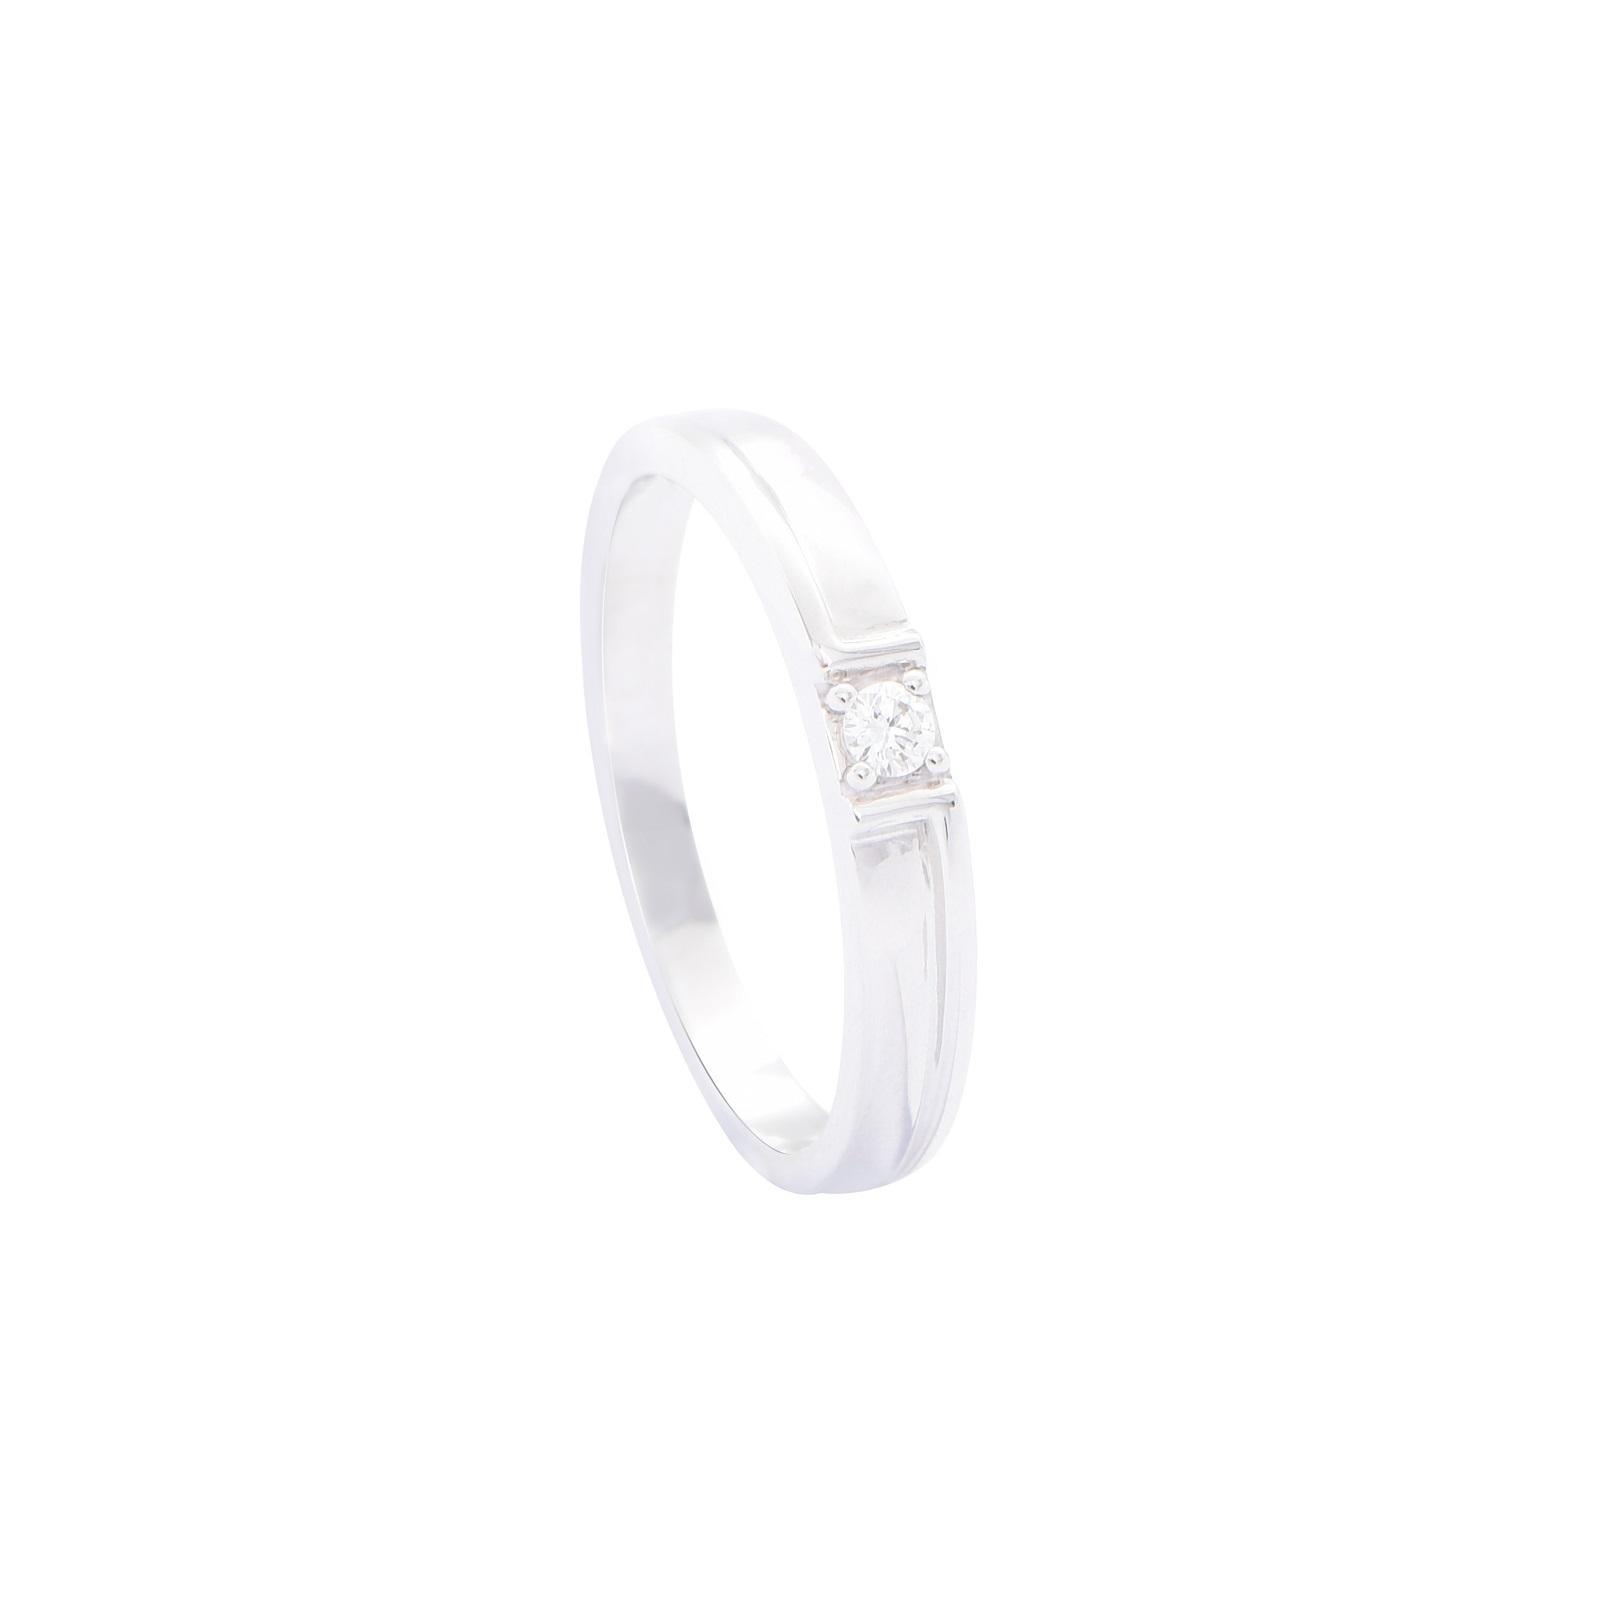 Nhẫn cưới Kim cương nữ 20Q024.2TI